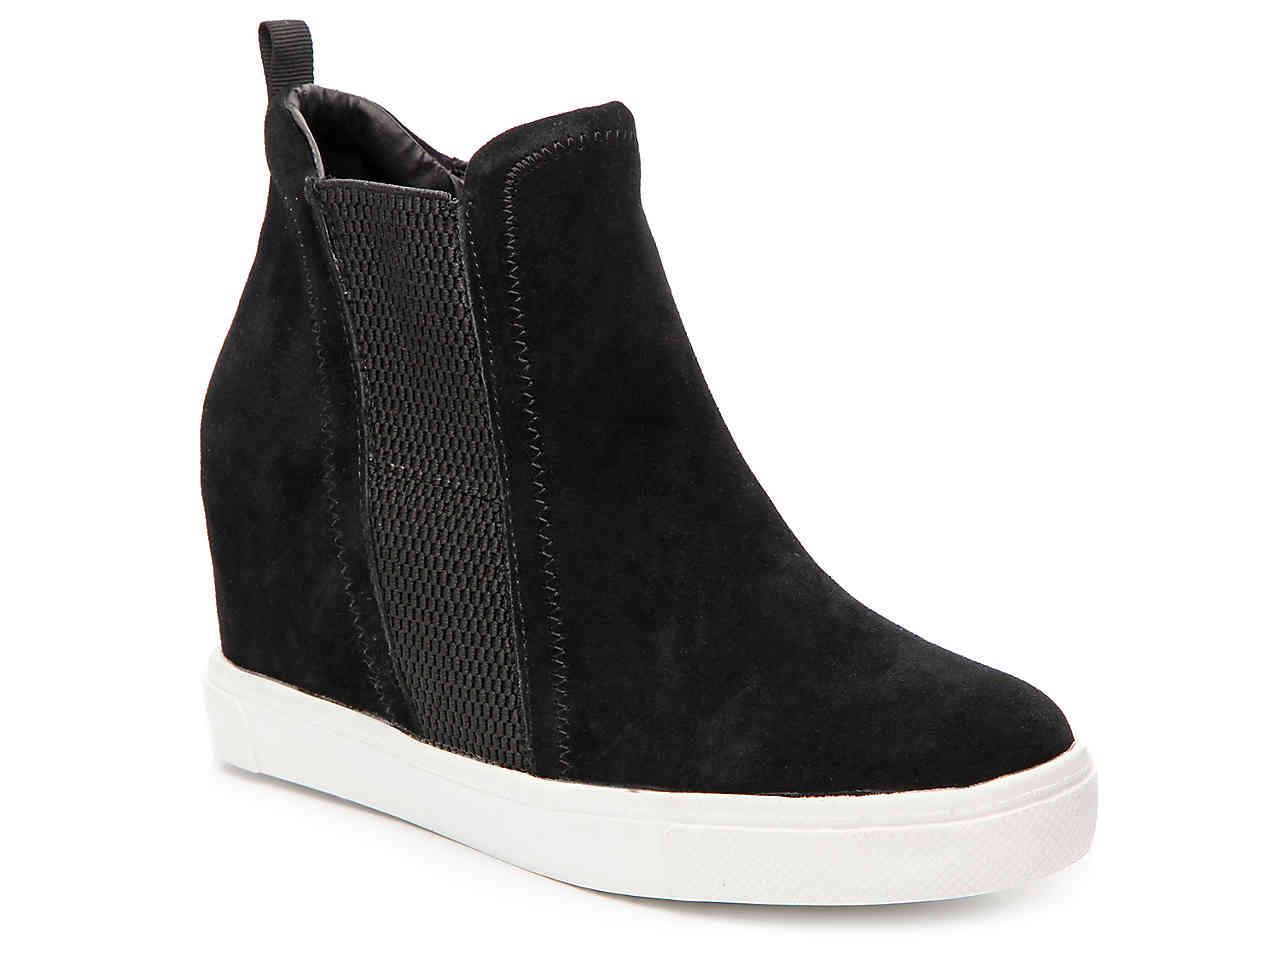 42dc0d5ac607 Lyst - Steve Madden Leii Wedge Sneaker in Black